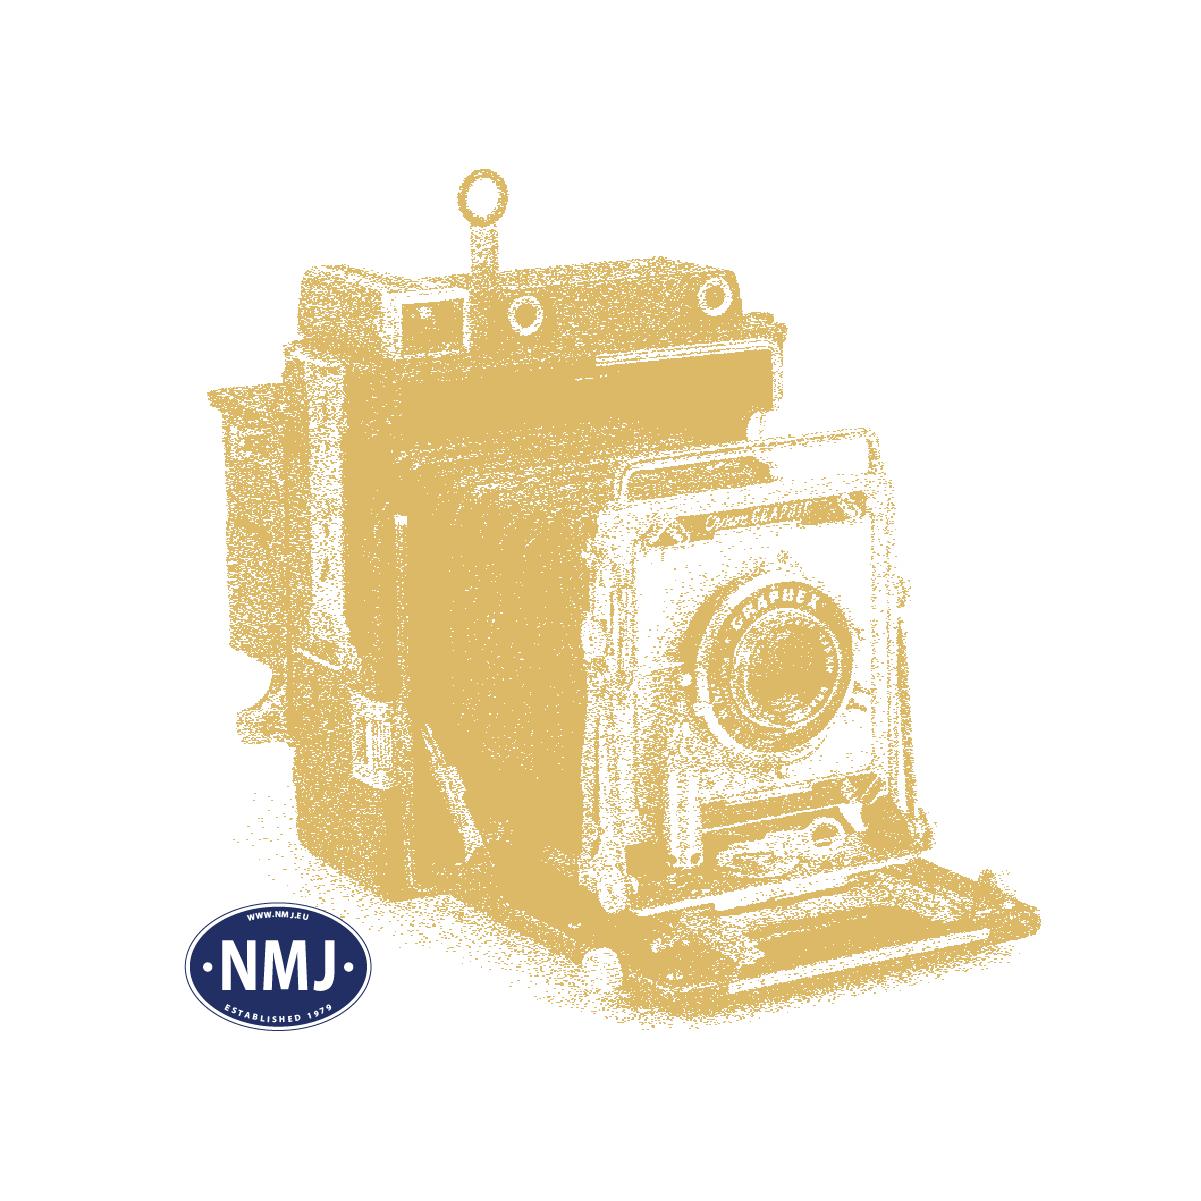 NMJH15113 - NMJ Skyline Jernbaneundergang/Bro, Lys utgave, Ferdigmodell